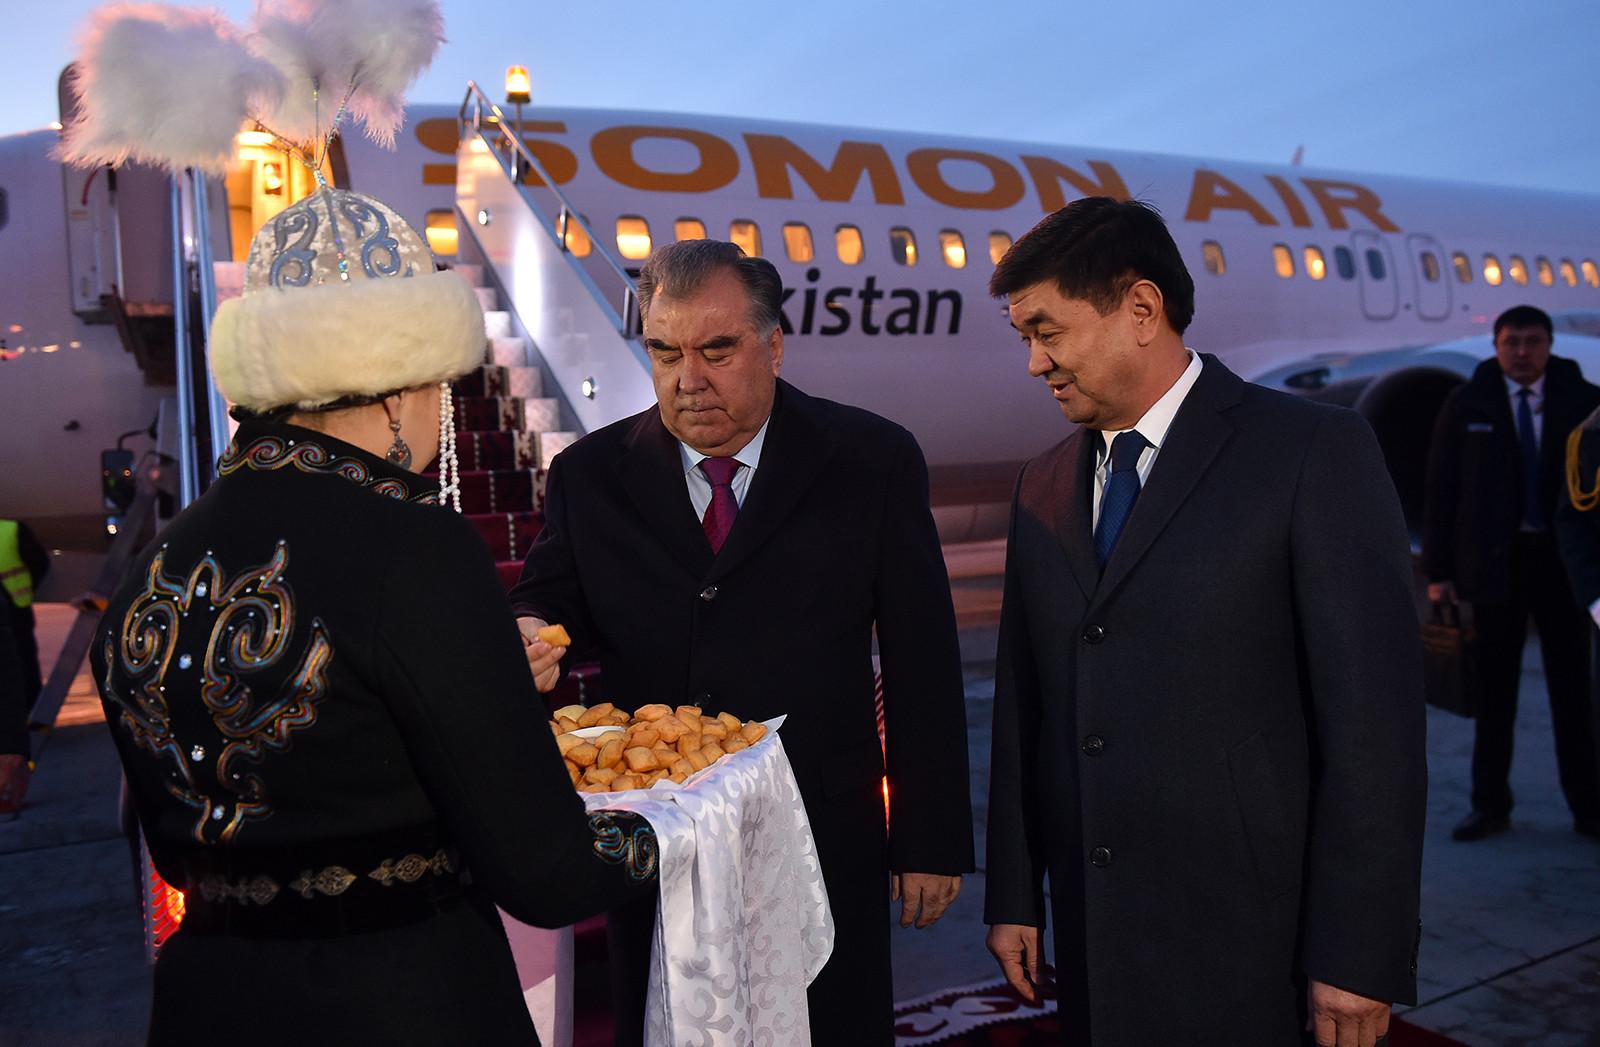 Тажикстандын президенти Эмомали Рахмон Кыргызстанга келди